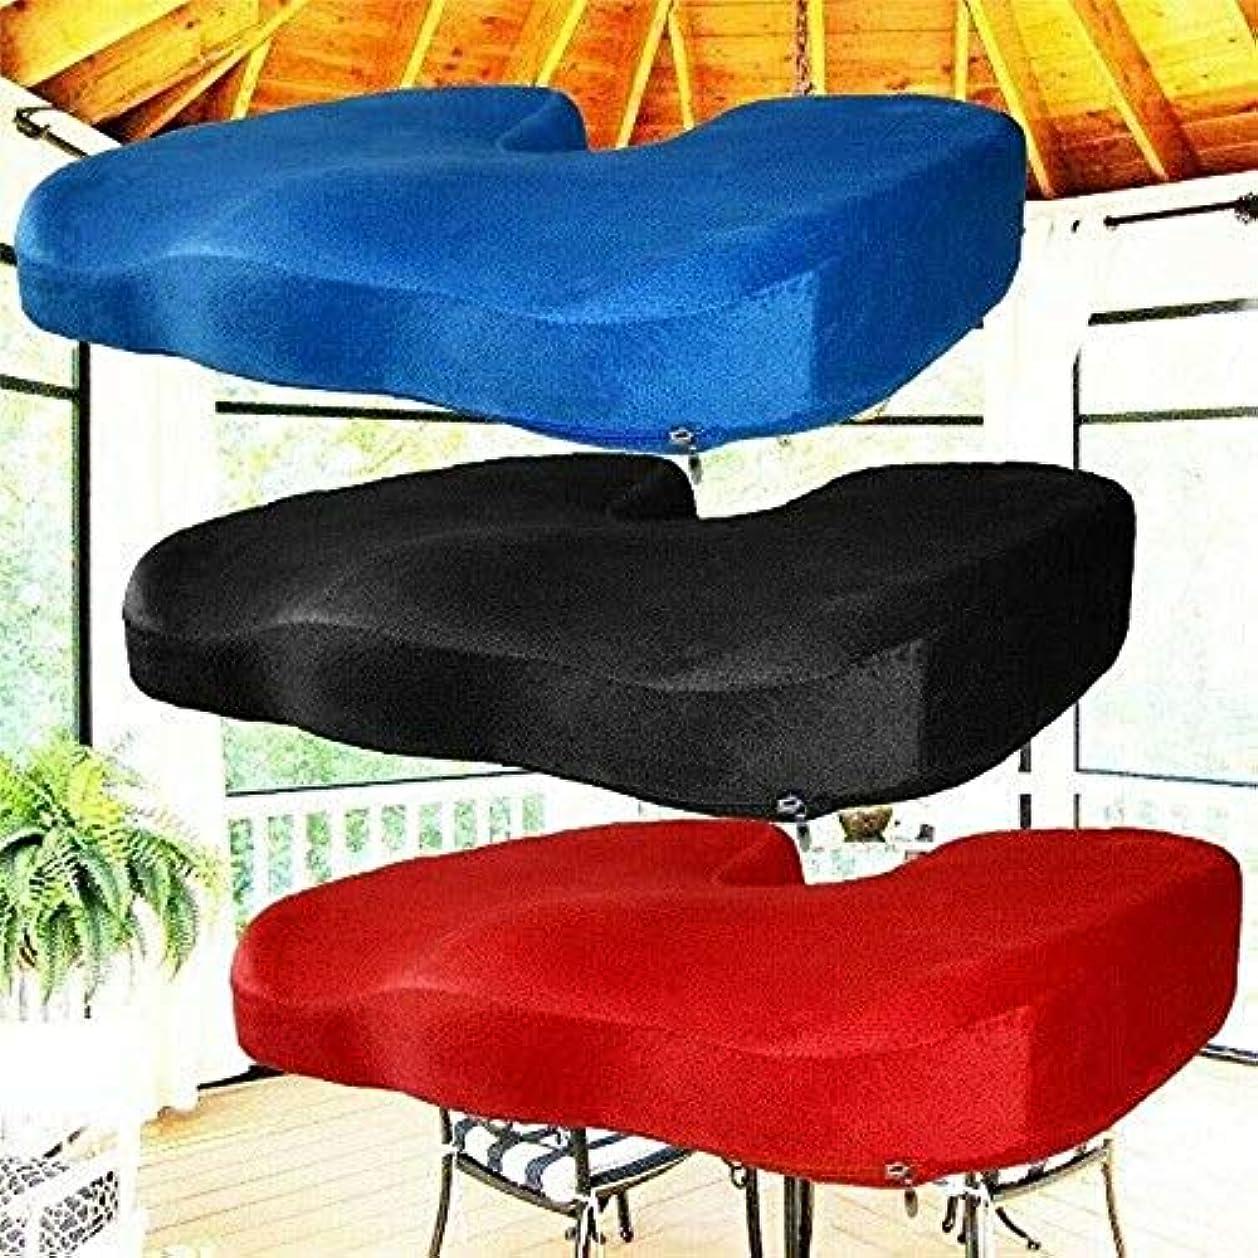 説明的台風せせらぎLIFE ファッションブランド新ホット販売低反発シート綿クッションオフィスチェアクッション通気性頬 3 色 クッション 椅子